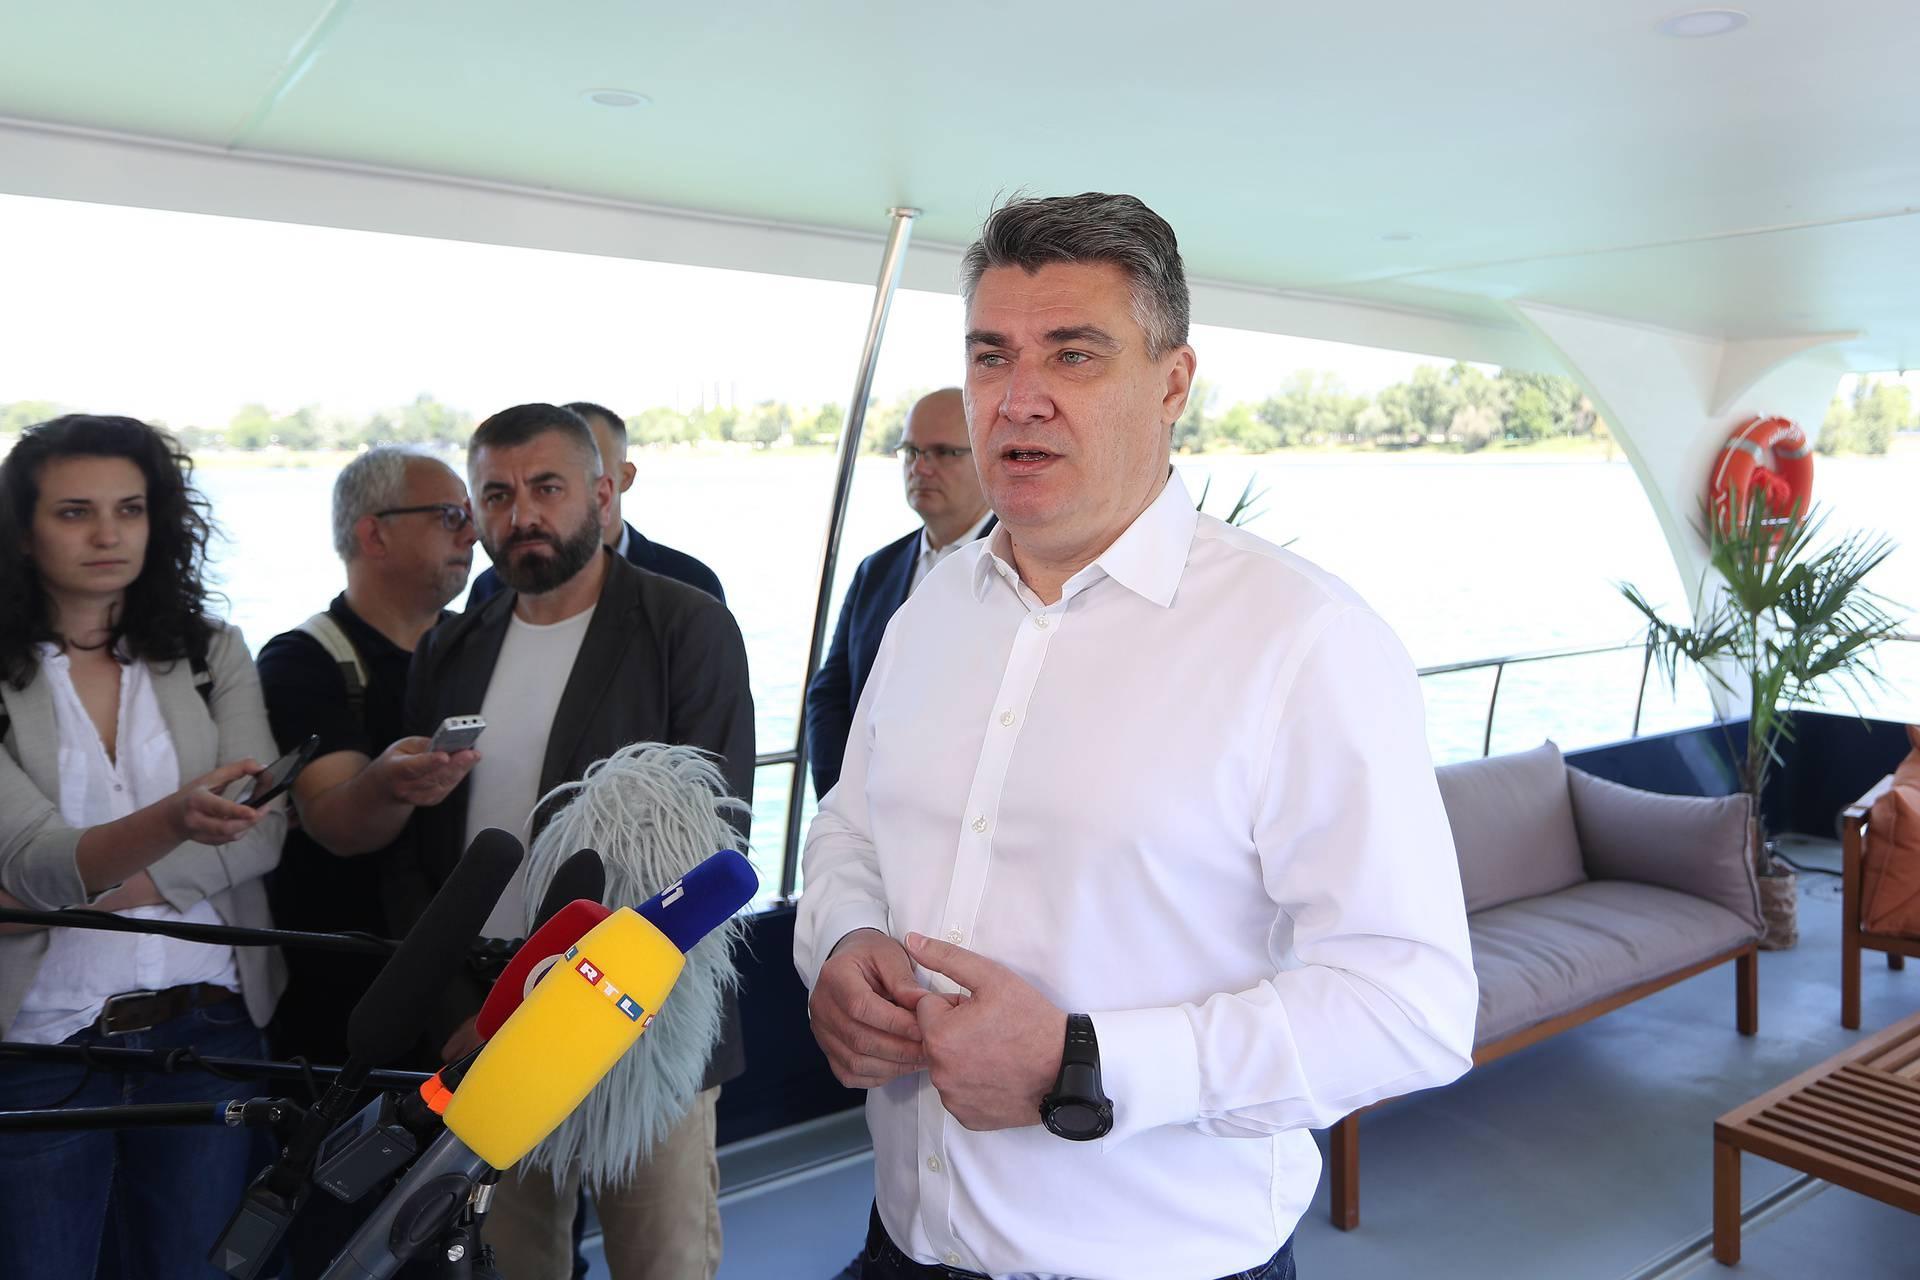 Gong pozvao Milanovića da objasni provođenje konzultacija